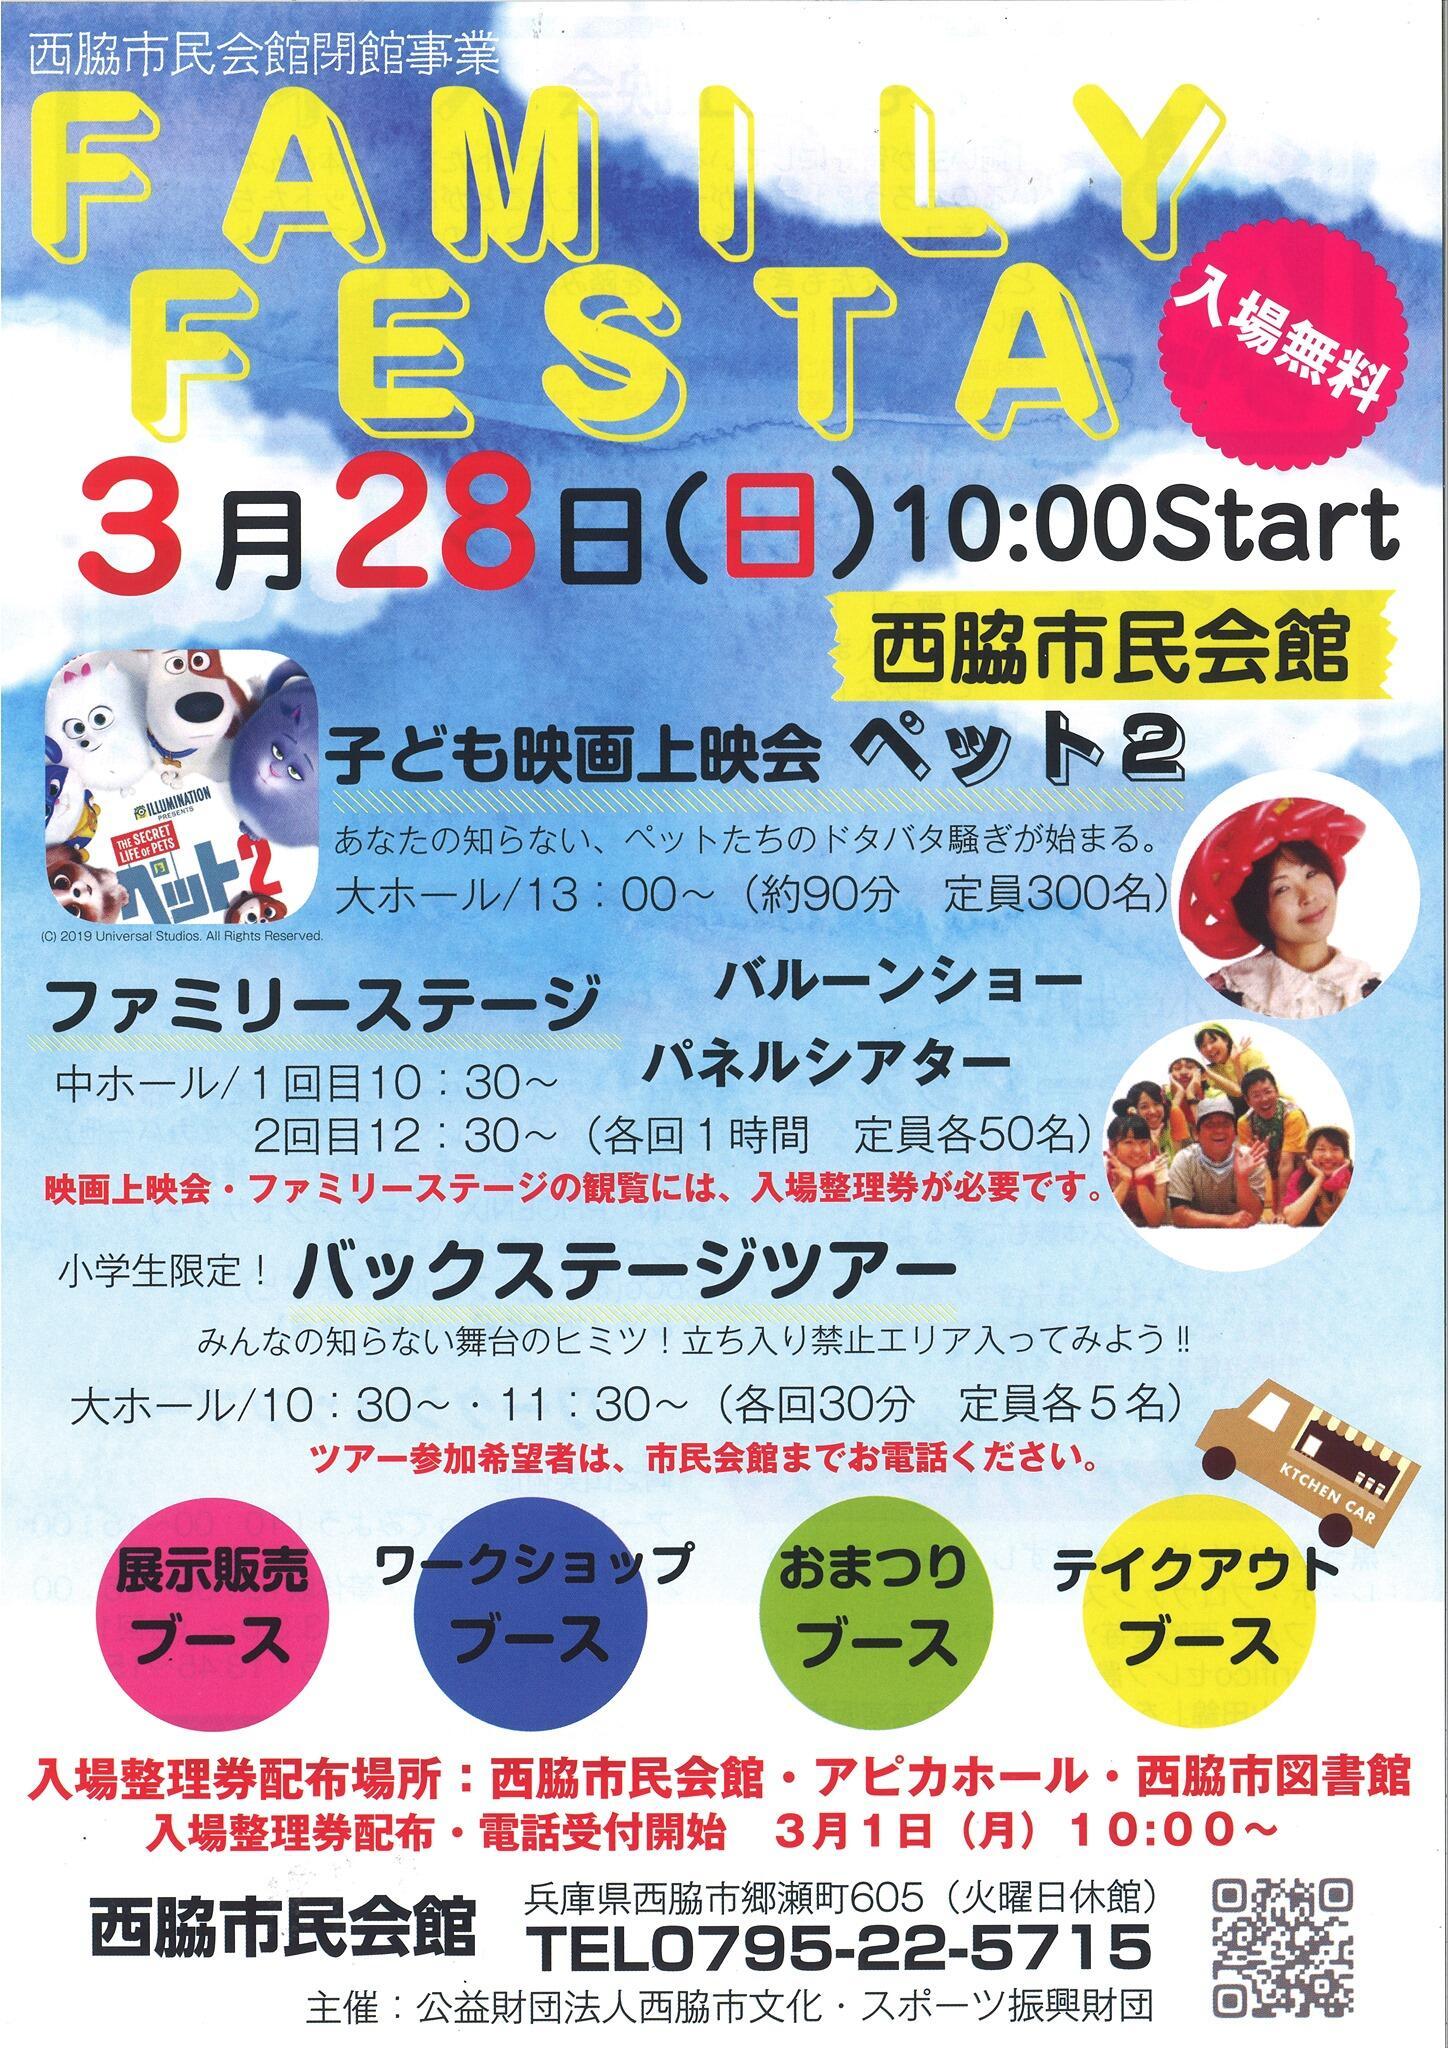 3/28 市民会館閉館事業「FAMILY FESTA」:西脇市民会館